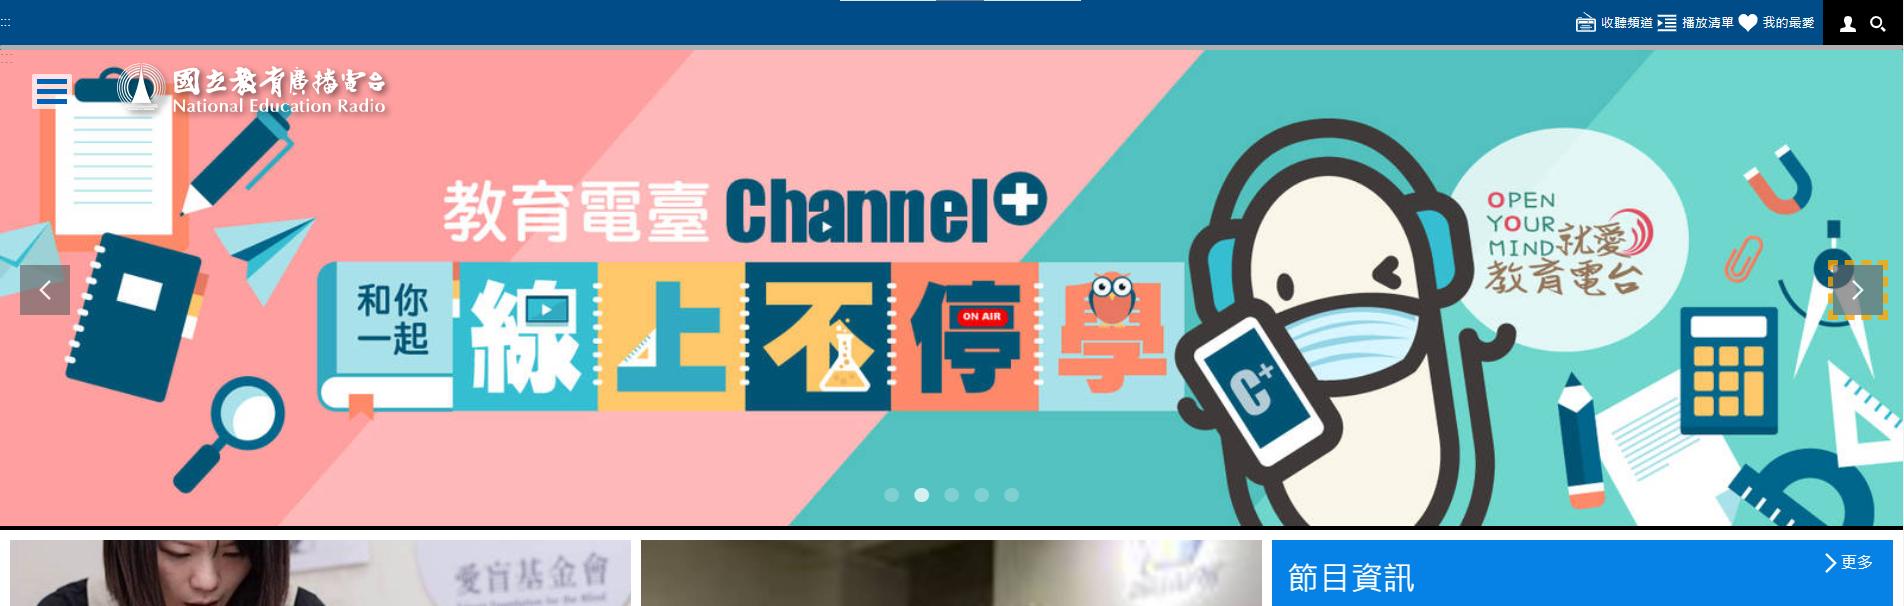 方法1:Banner不定時會推廣Channel+的節目,可直接點選圖片進入Channel+首頁進行收聽。